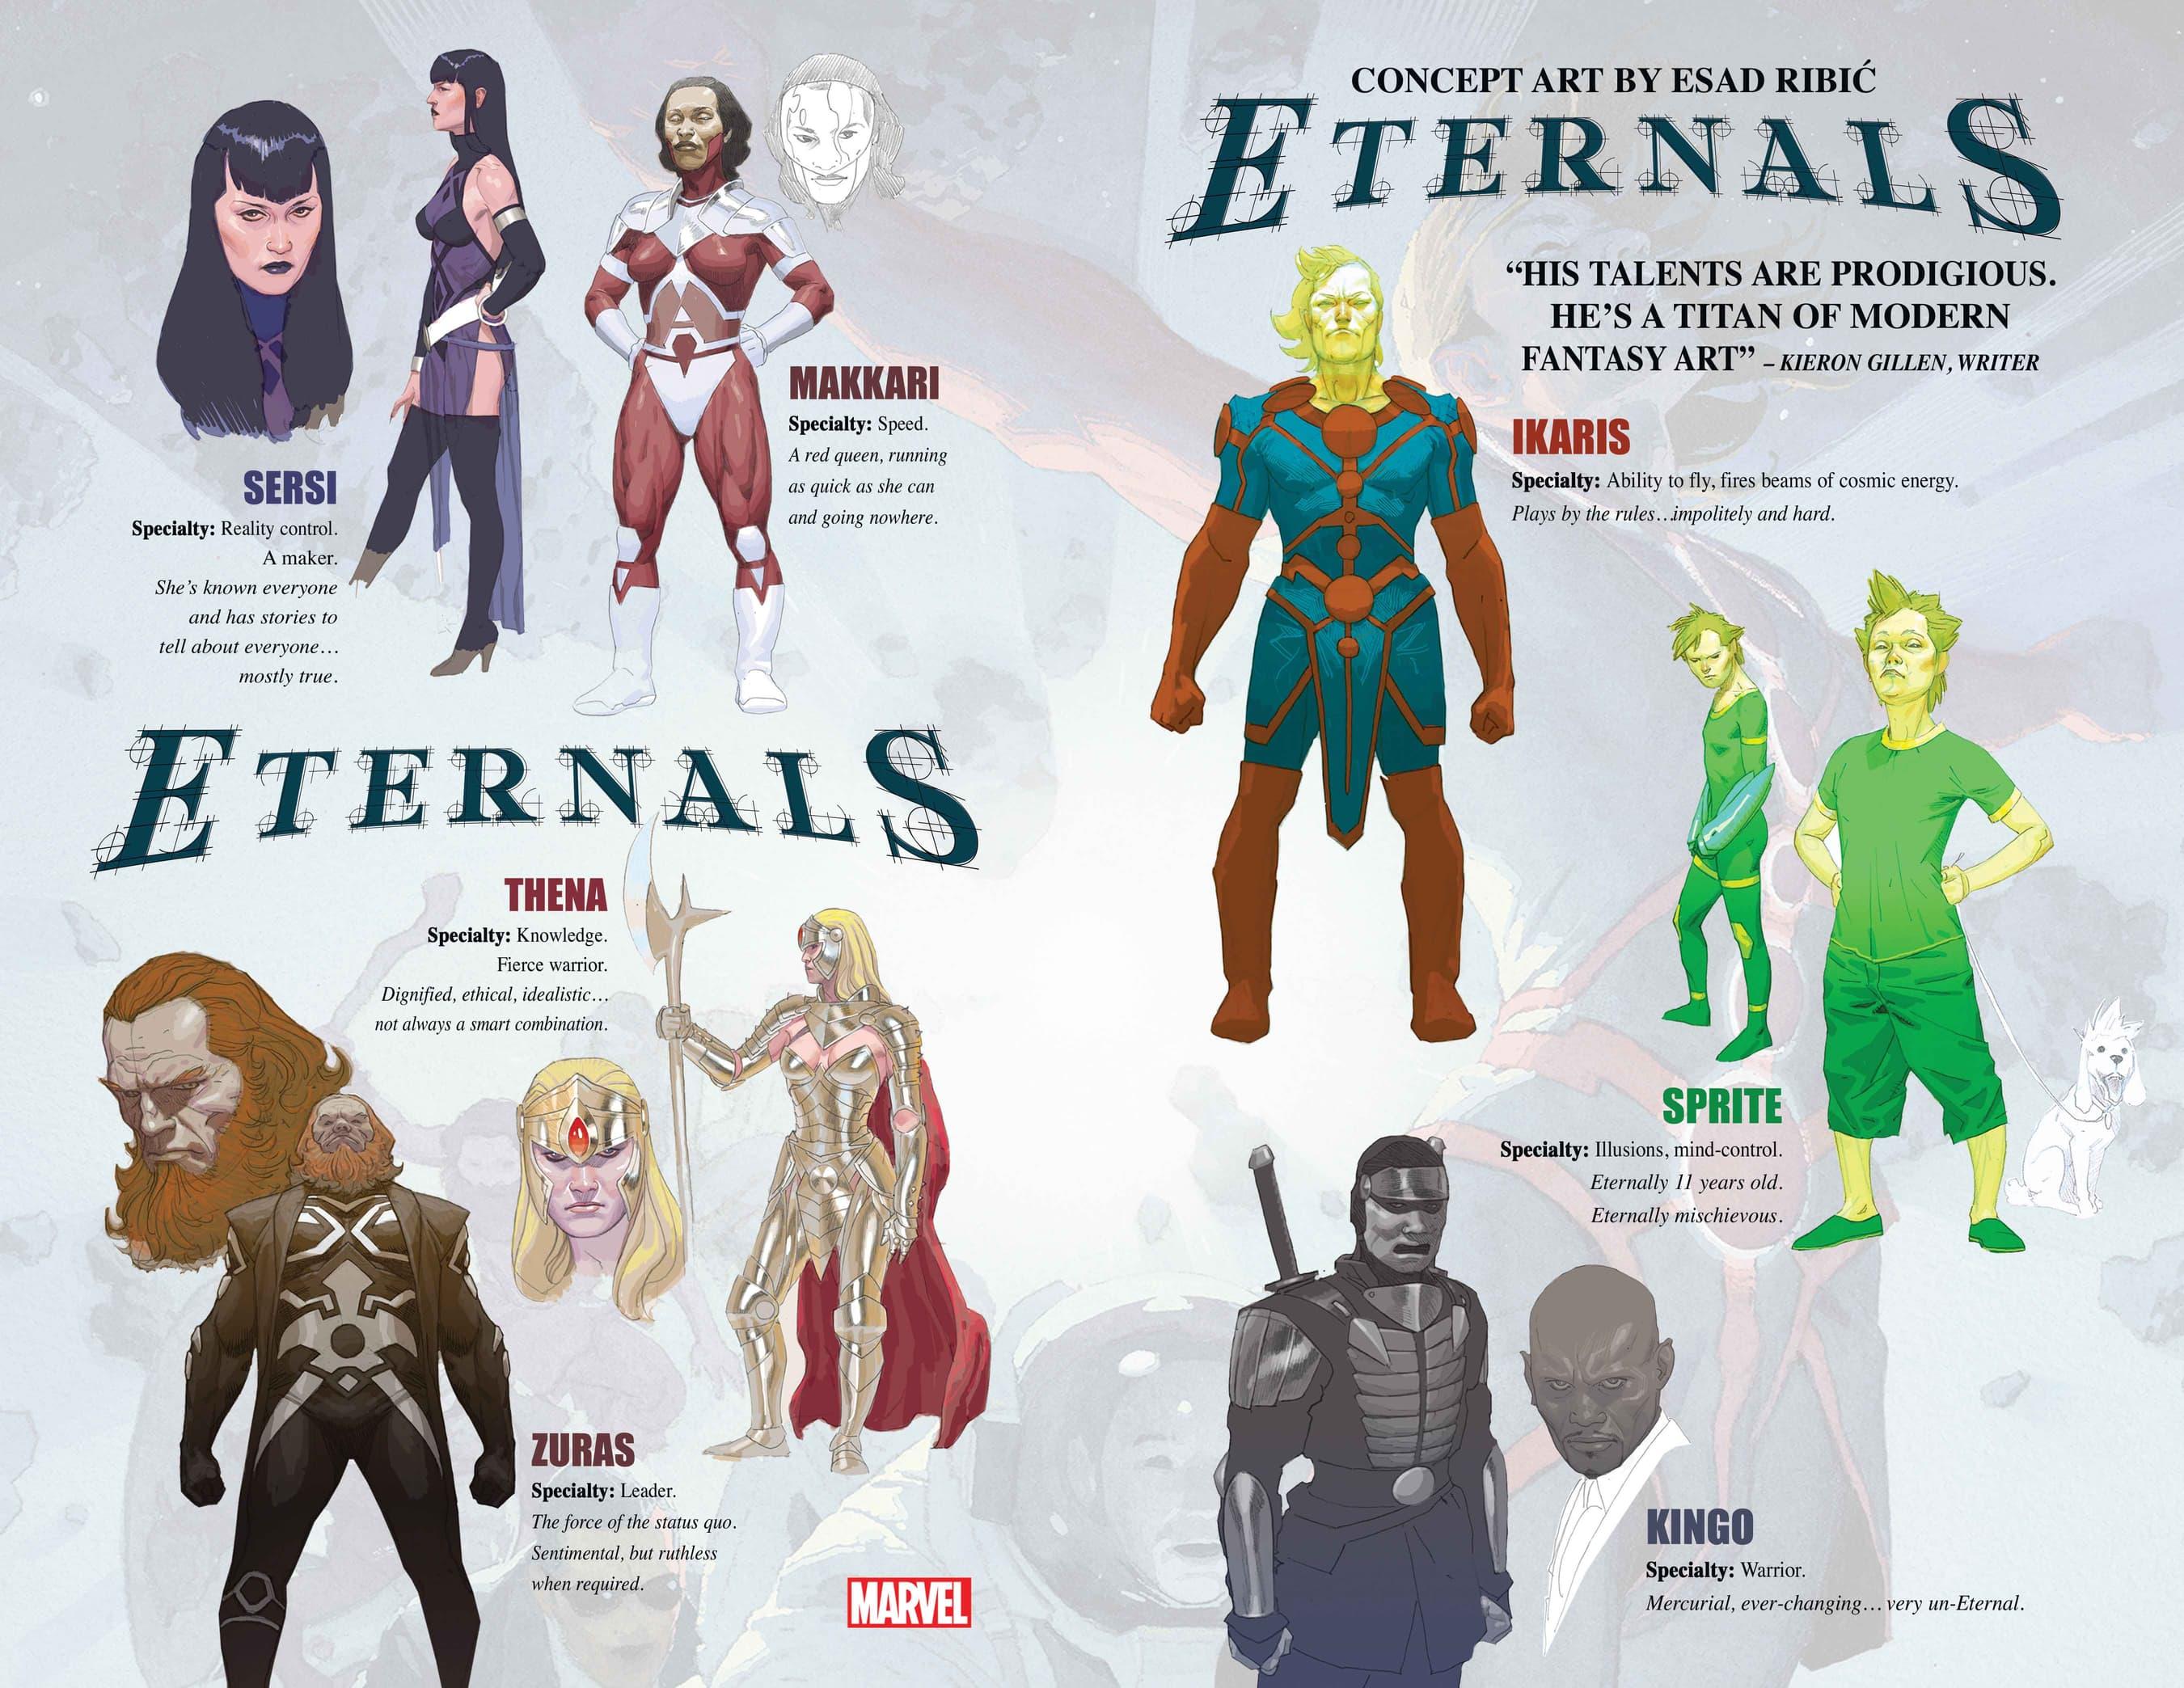 Eternals concept art